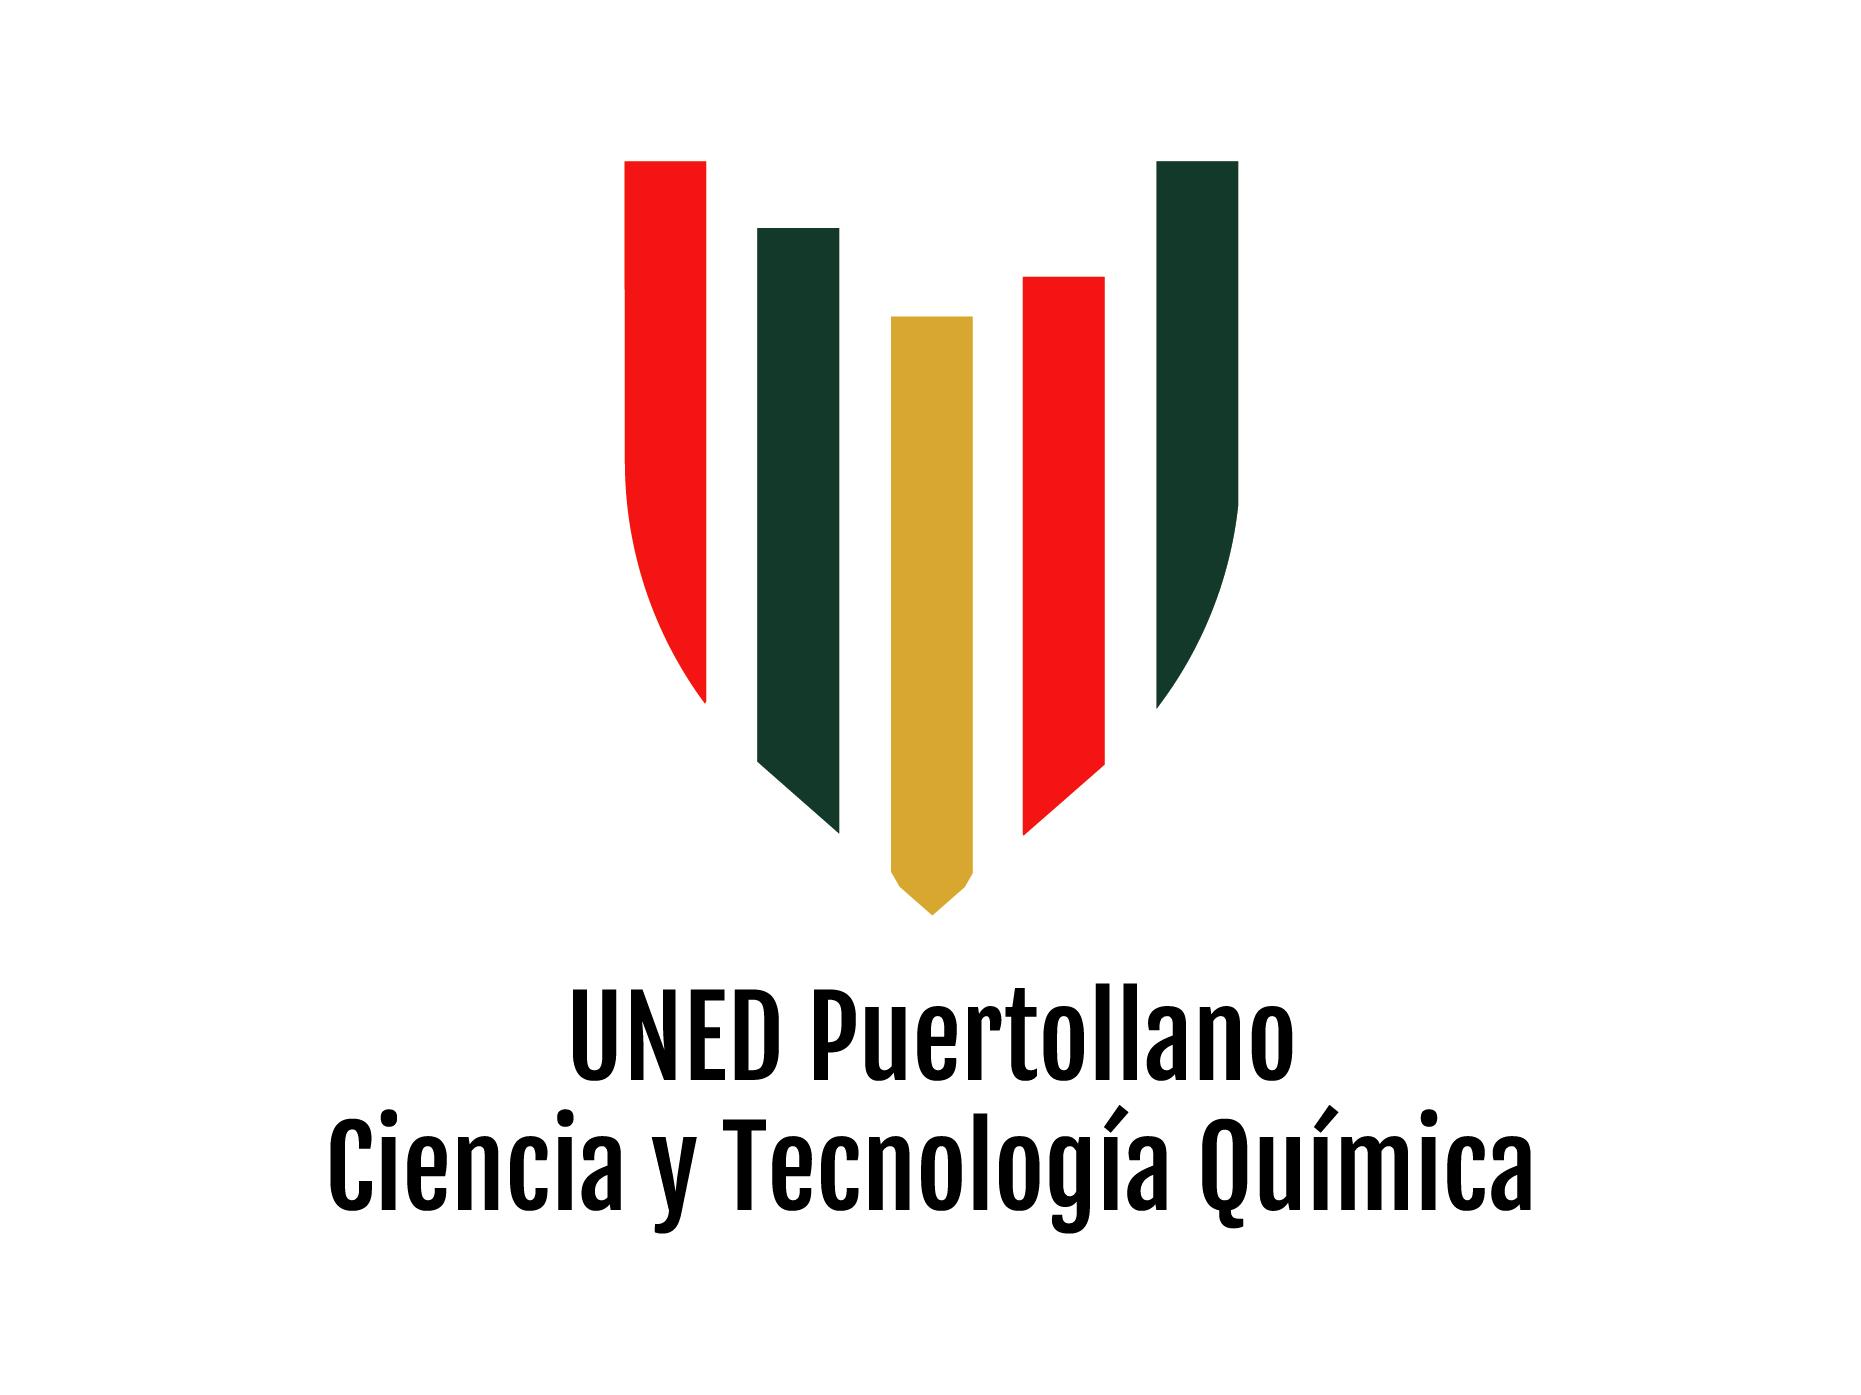 propuesta logo uned puertollano. Diseño Gráfico Lleida. almacelles